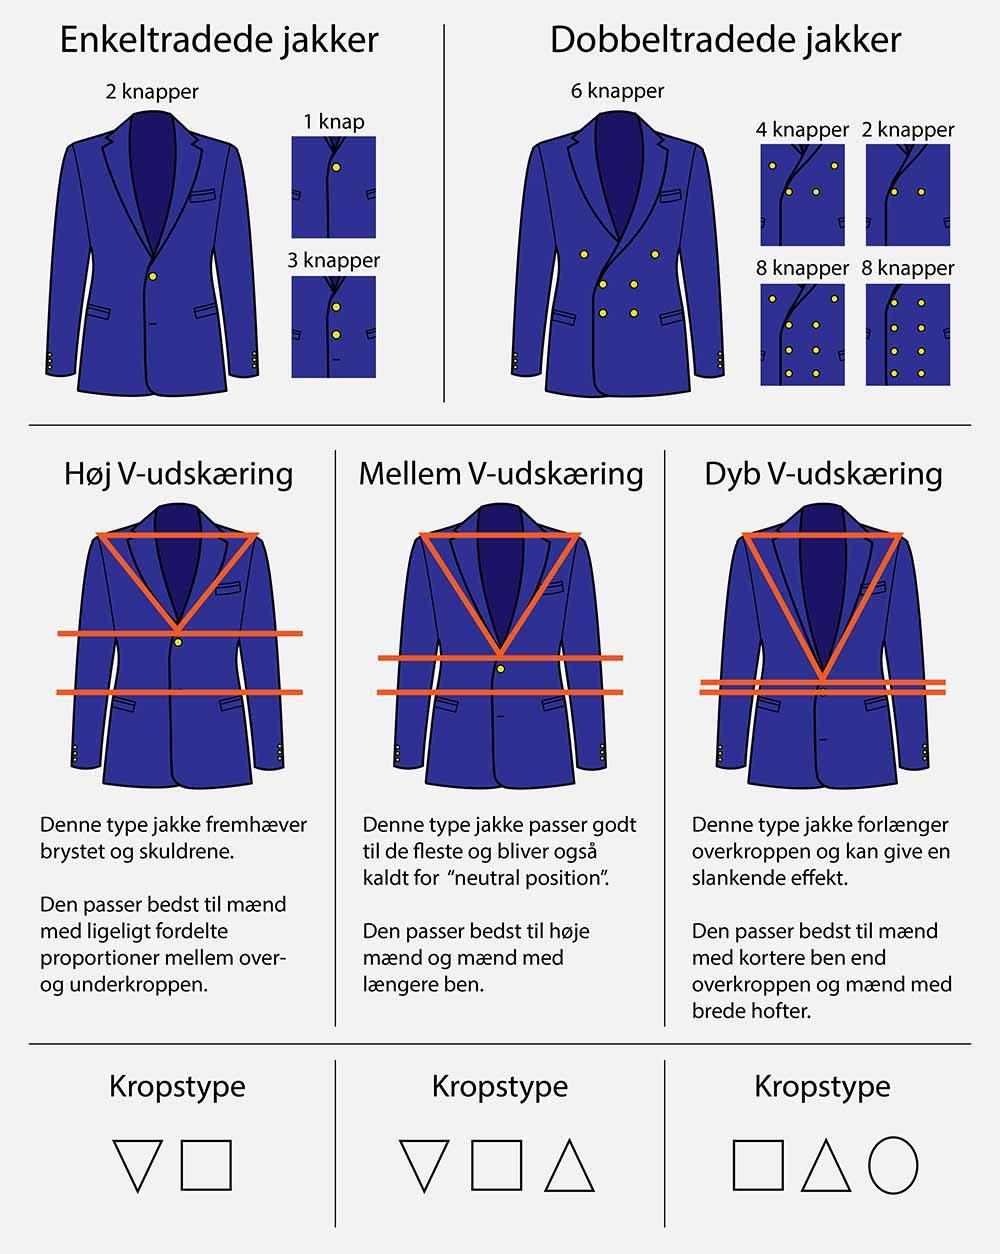 73455fccb4c Hvis du er i tvivl om, hvilken kropstype du er, kan du se denne guide, der  forklarer i detaljer, hvad der definerer hver kropstype.